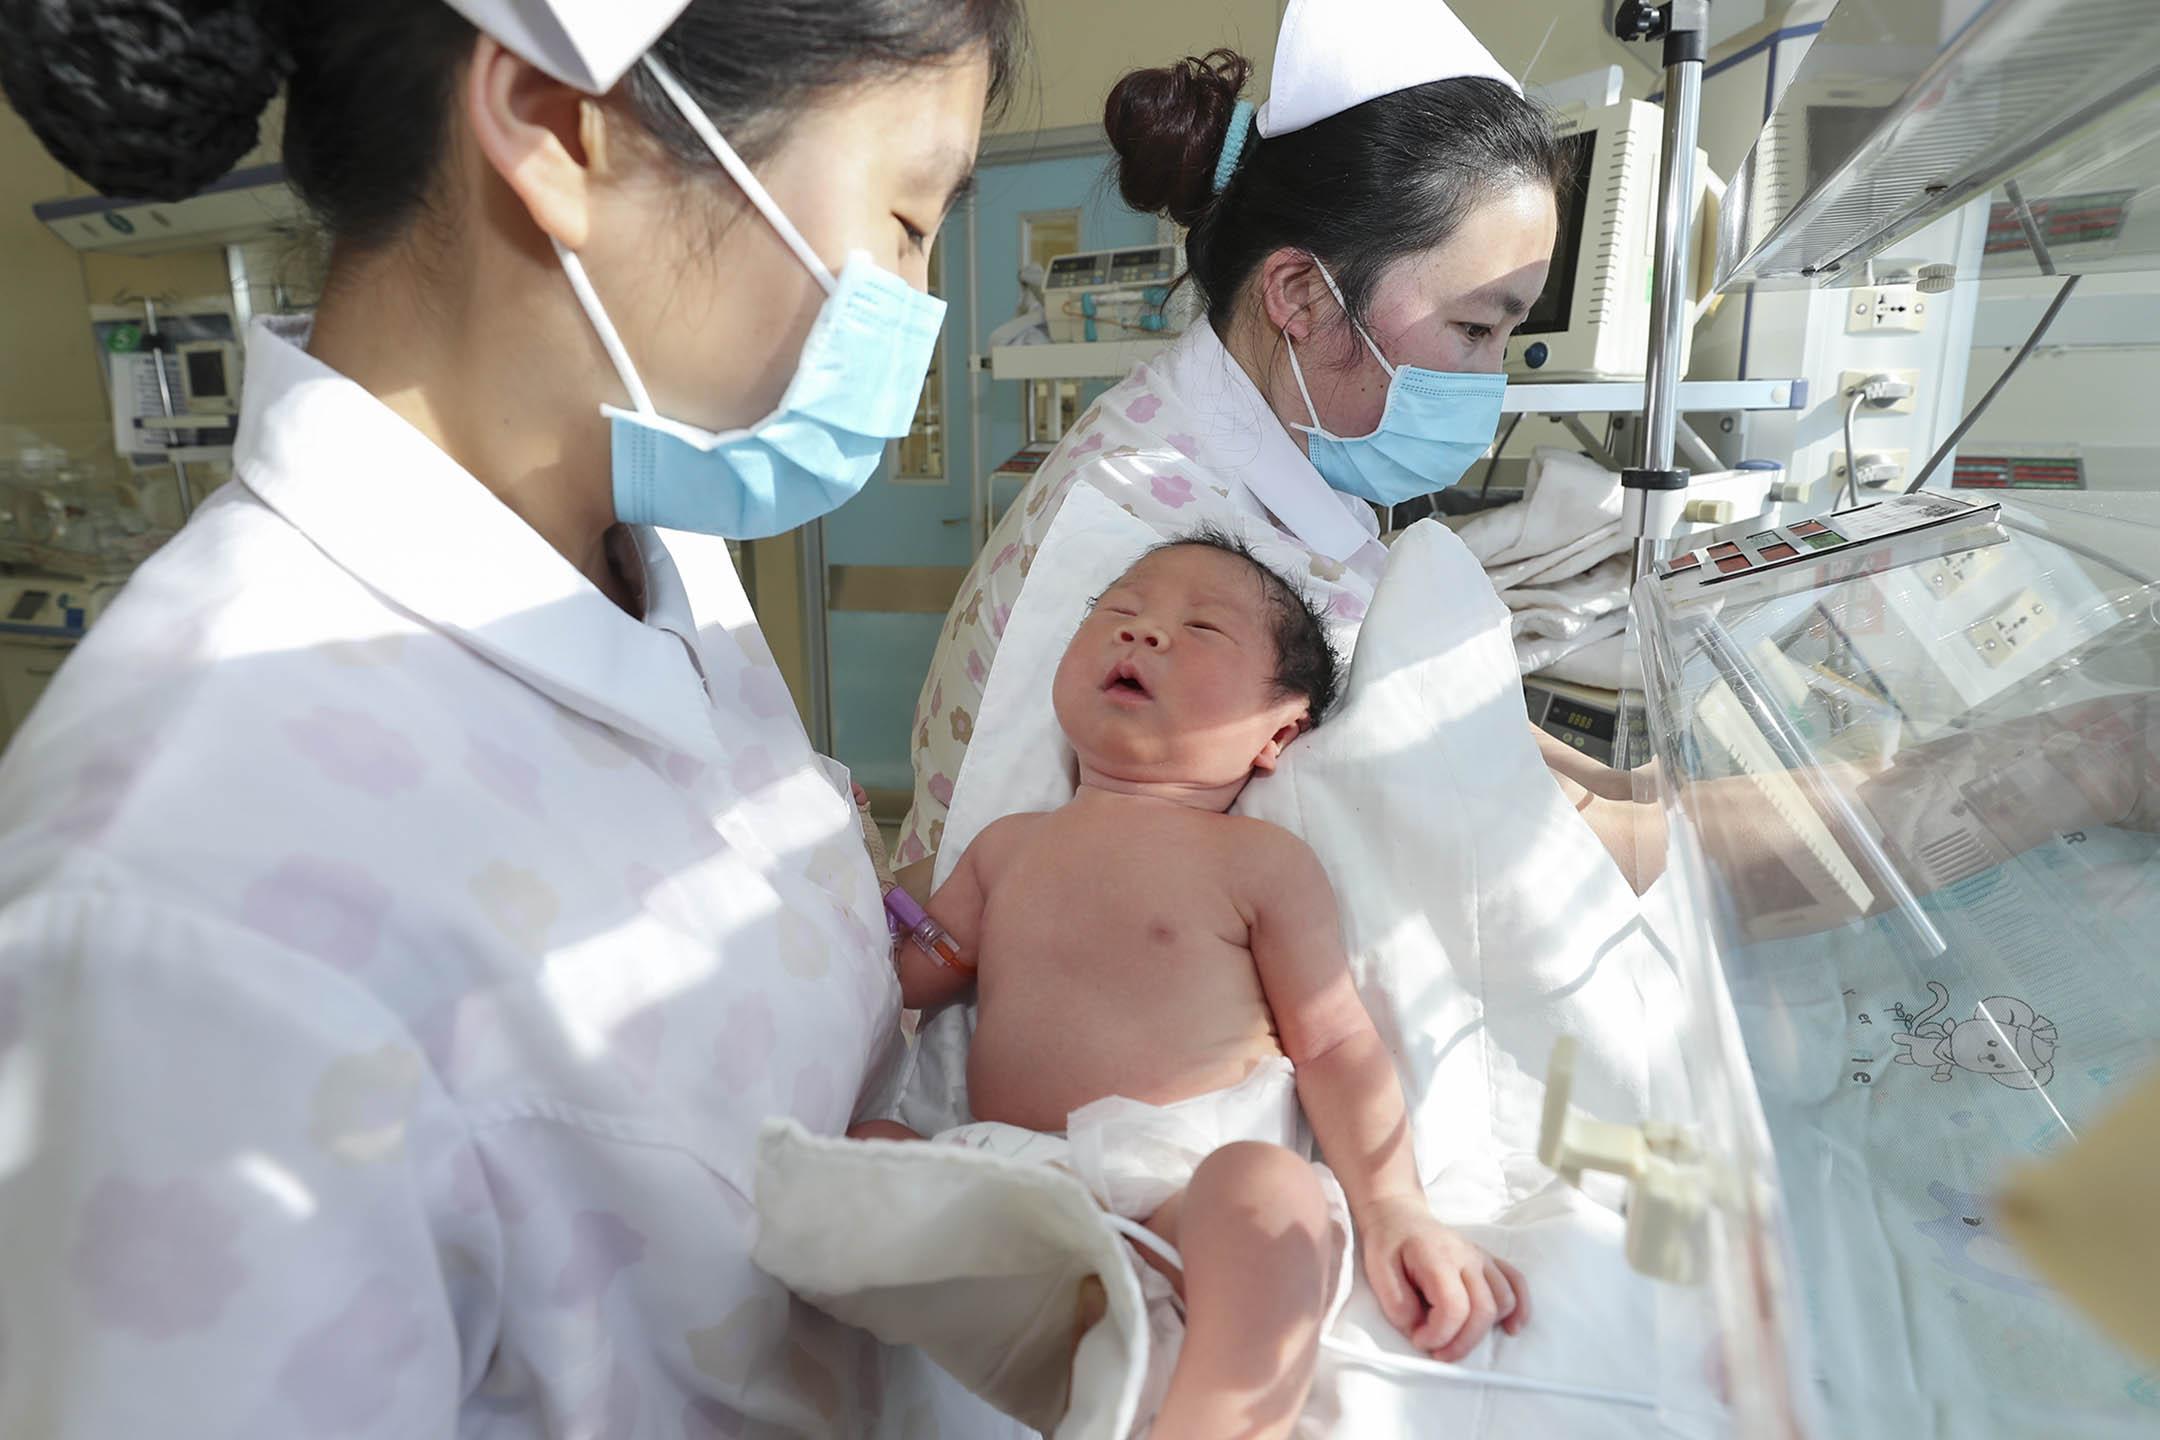 2020年1月1日中國連雲港市,兩名護士在新生嬰兒監護室照顧一名早產嬰兒。